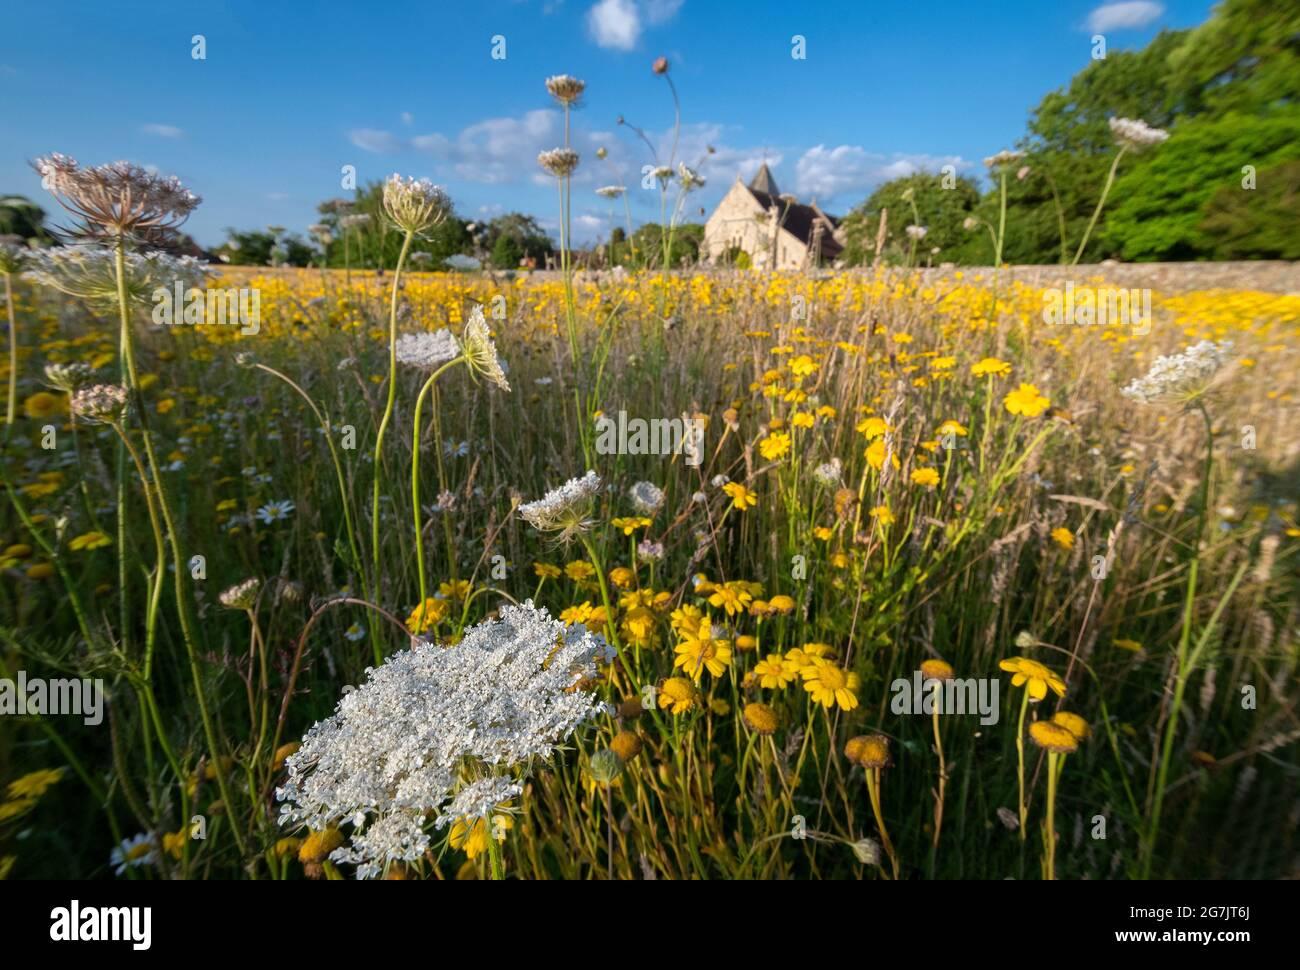 Prado de flores silvestres recién creado en un antiguo campo en West Wittering, Chichester, West Sussex, Inglaterra Foto de stock